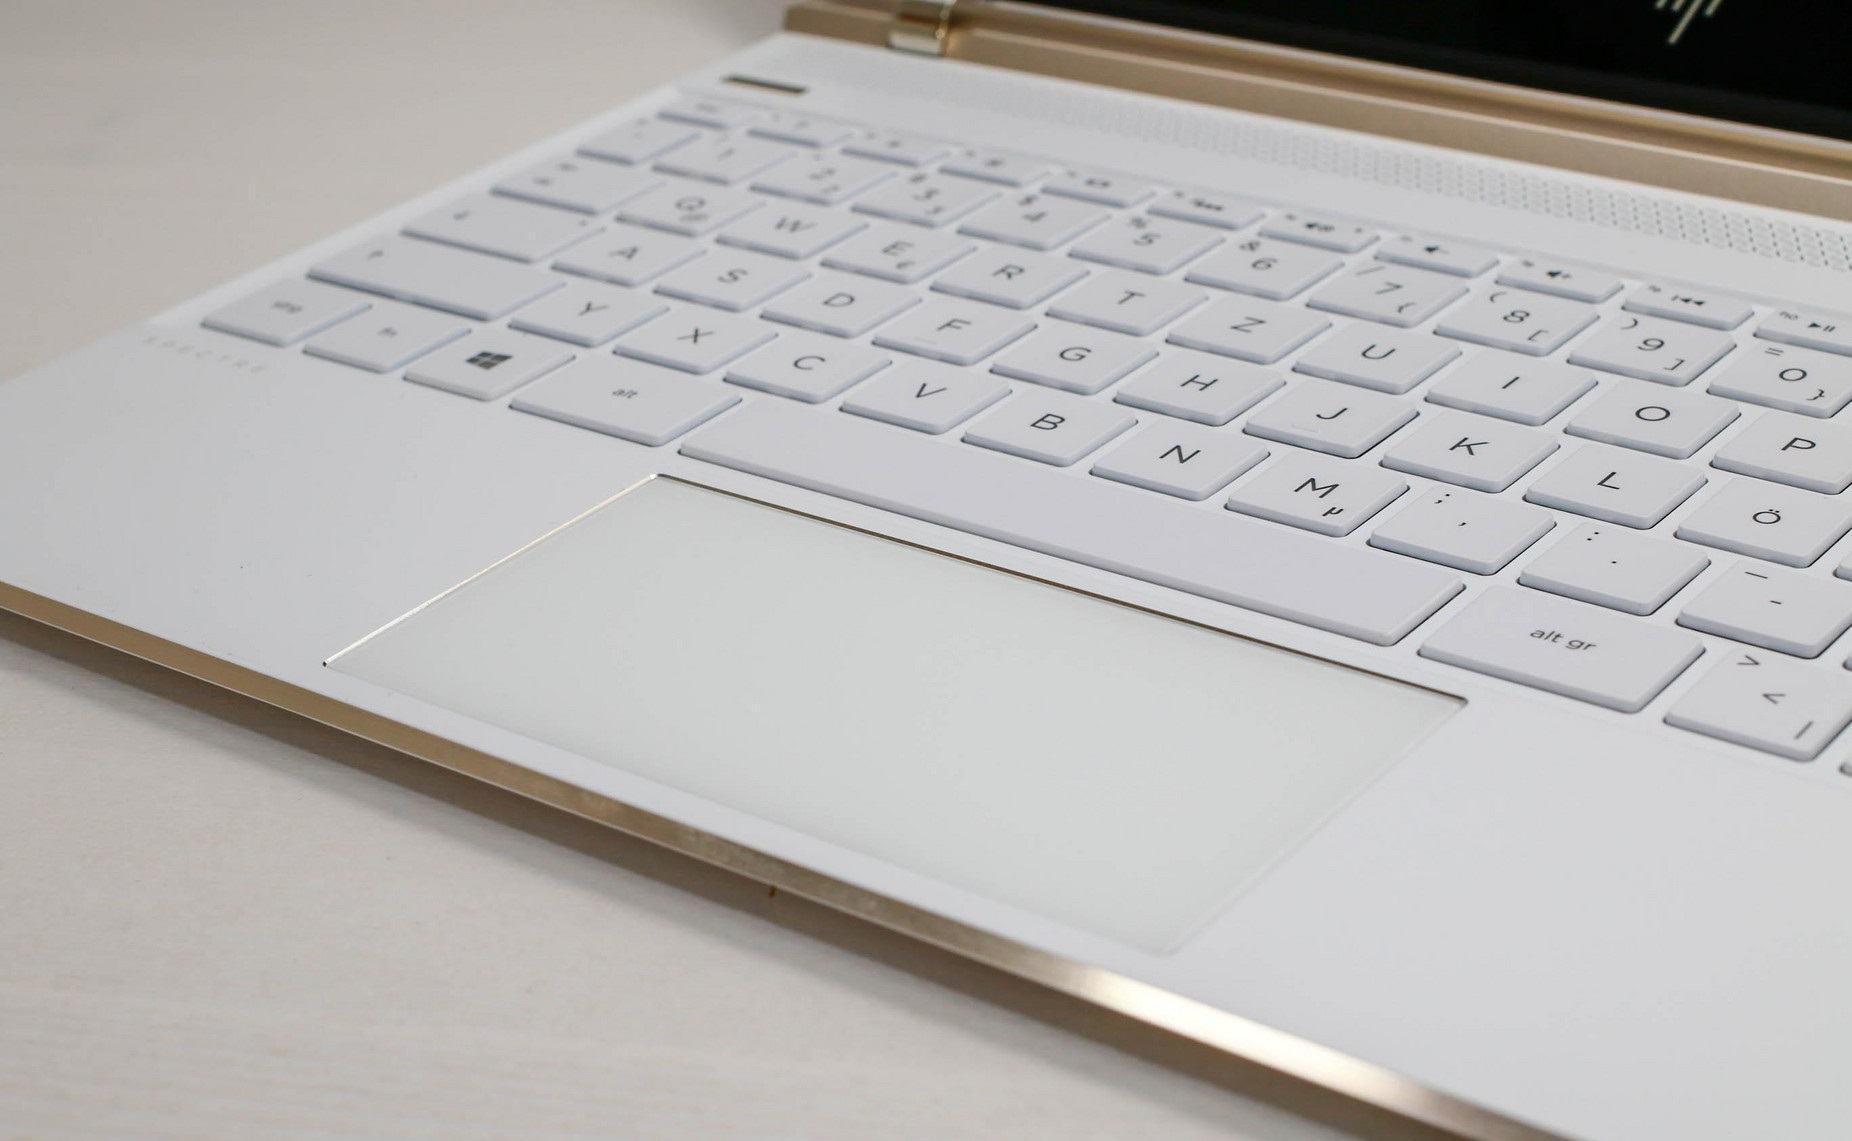 đánh giá laptop hp spectre 13